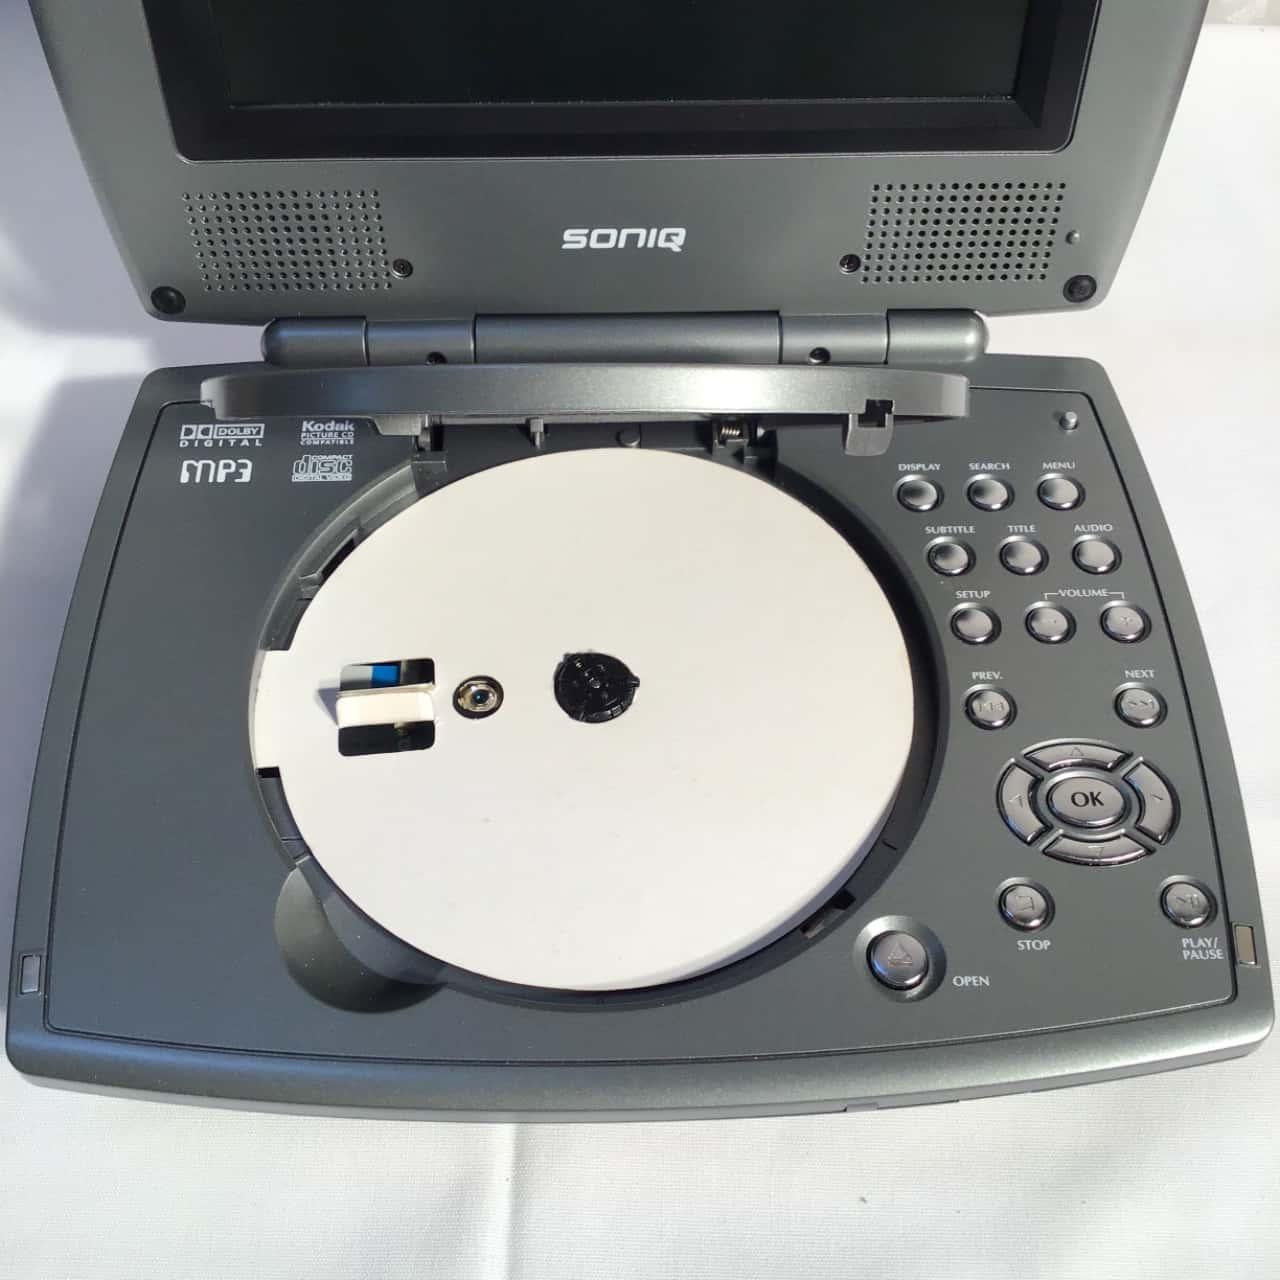 Soniq Portable DVD Player